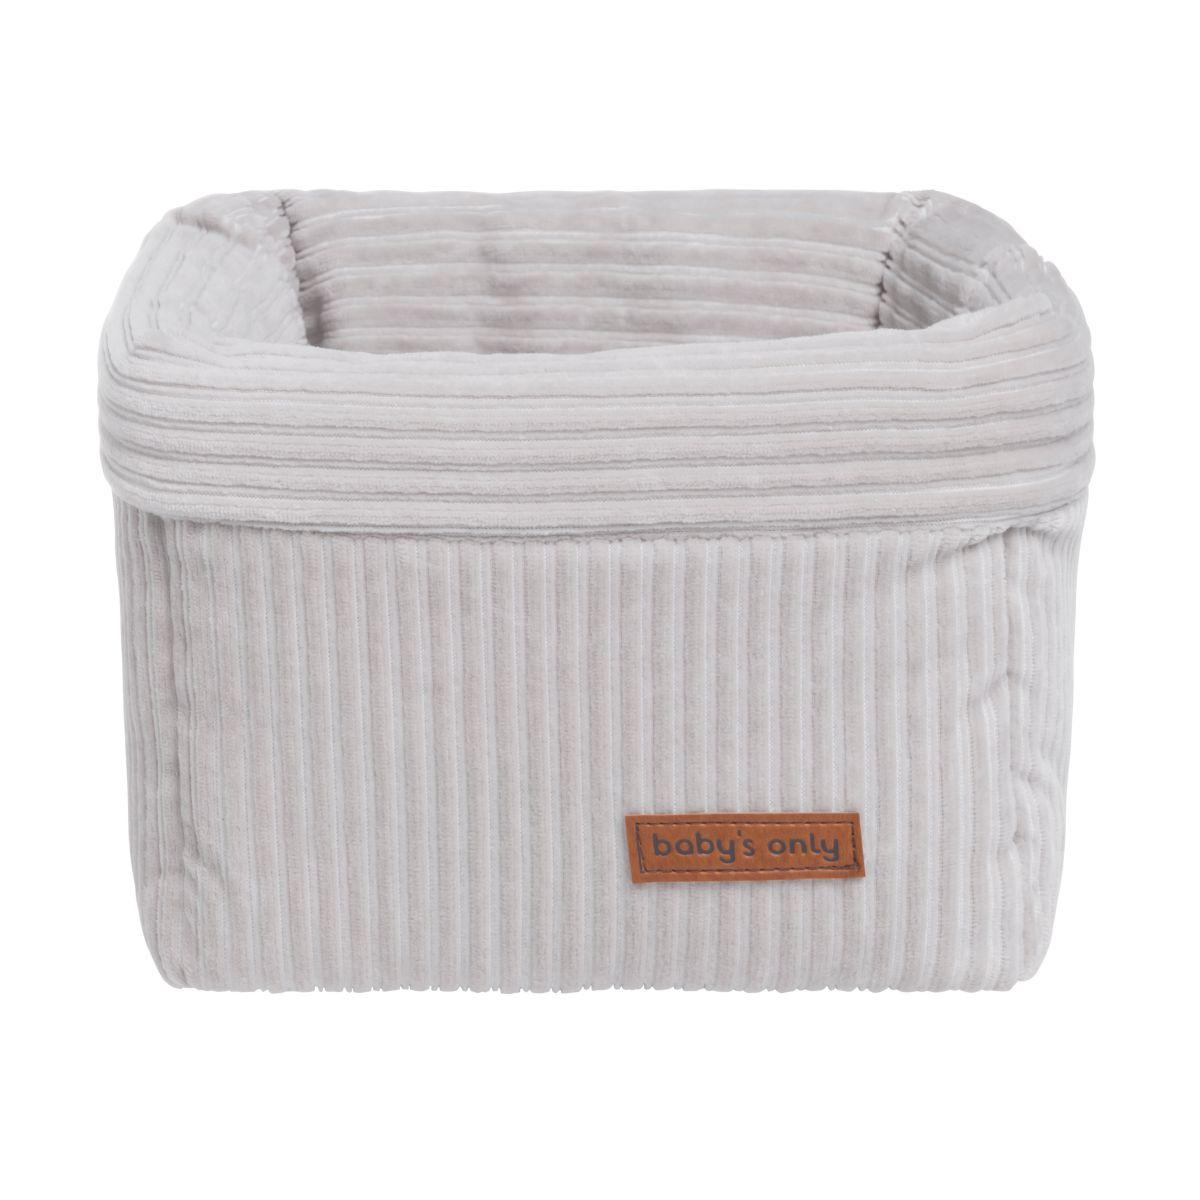 basket sense pebble grey